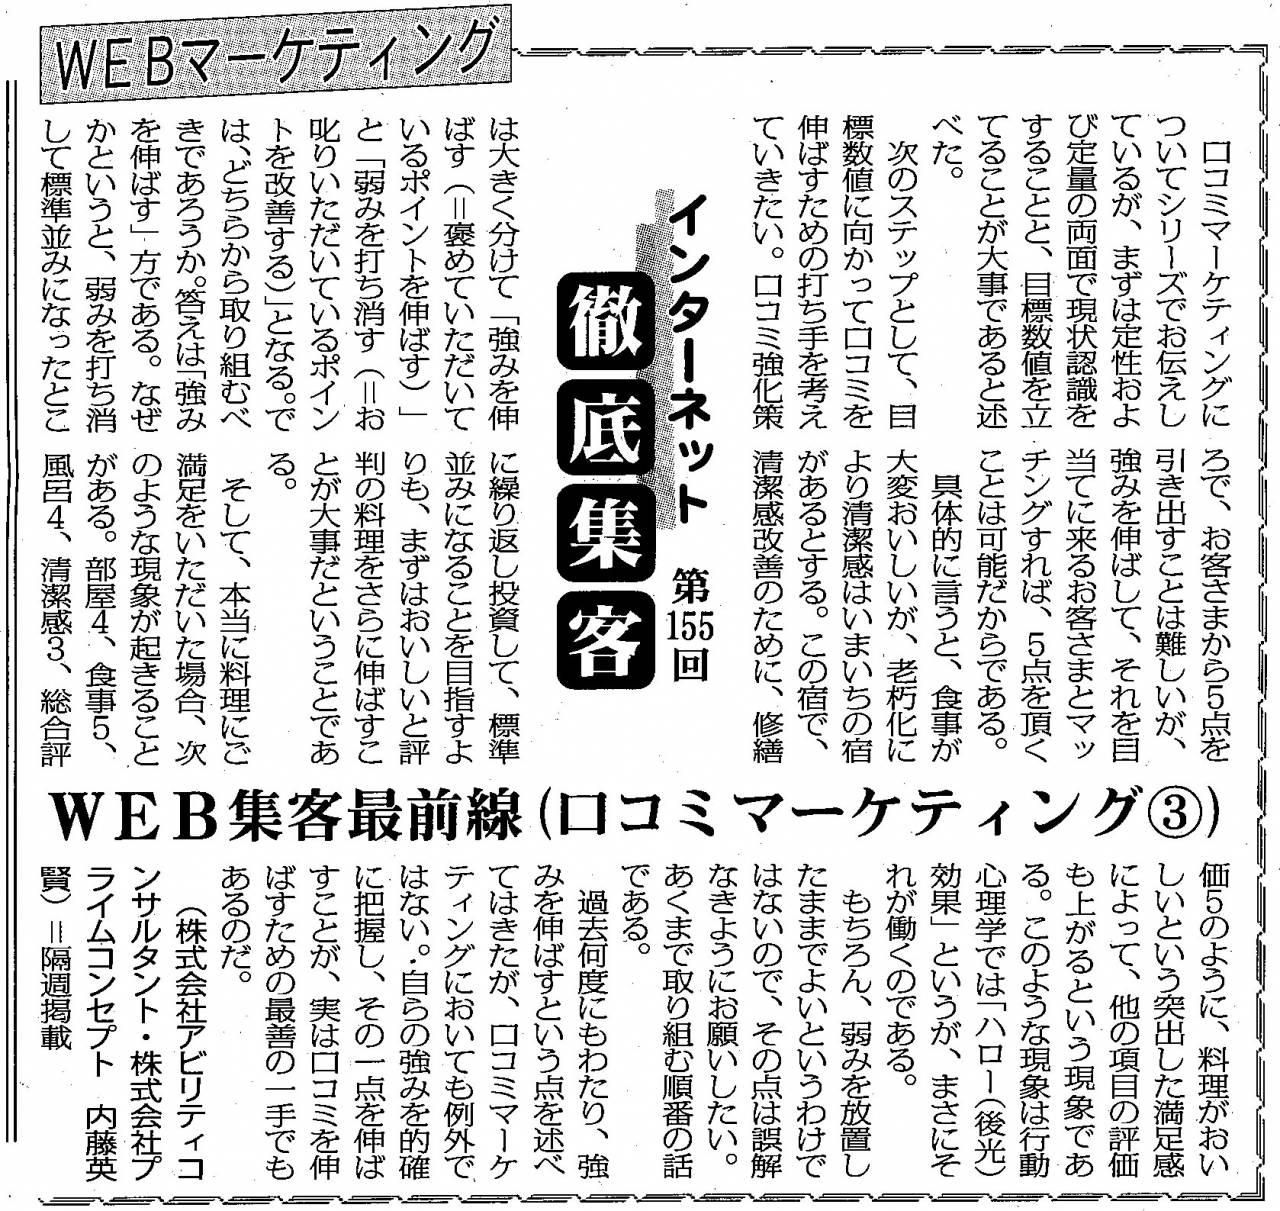 【第155回】WEBマーケティング HPの最新トレンド( 口コミマーケティング 3 )